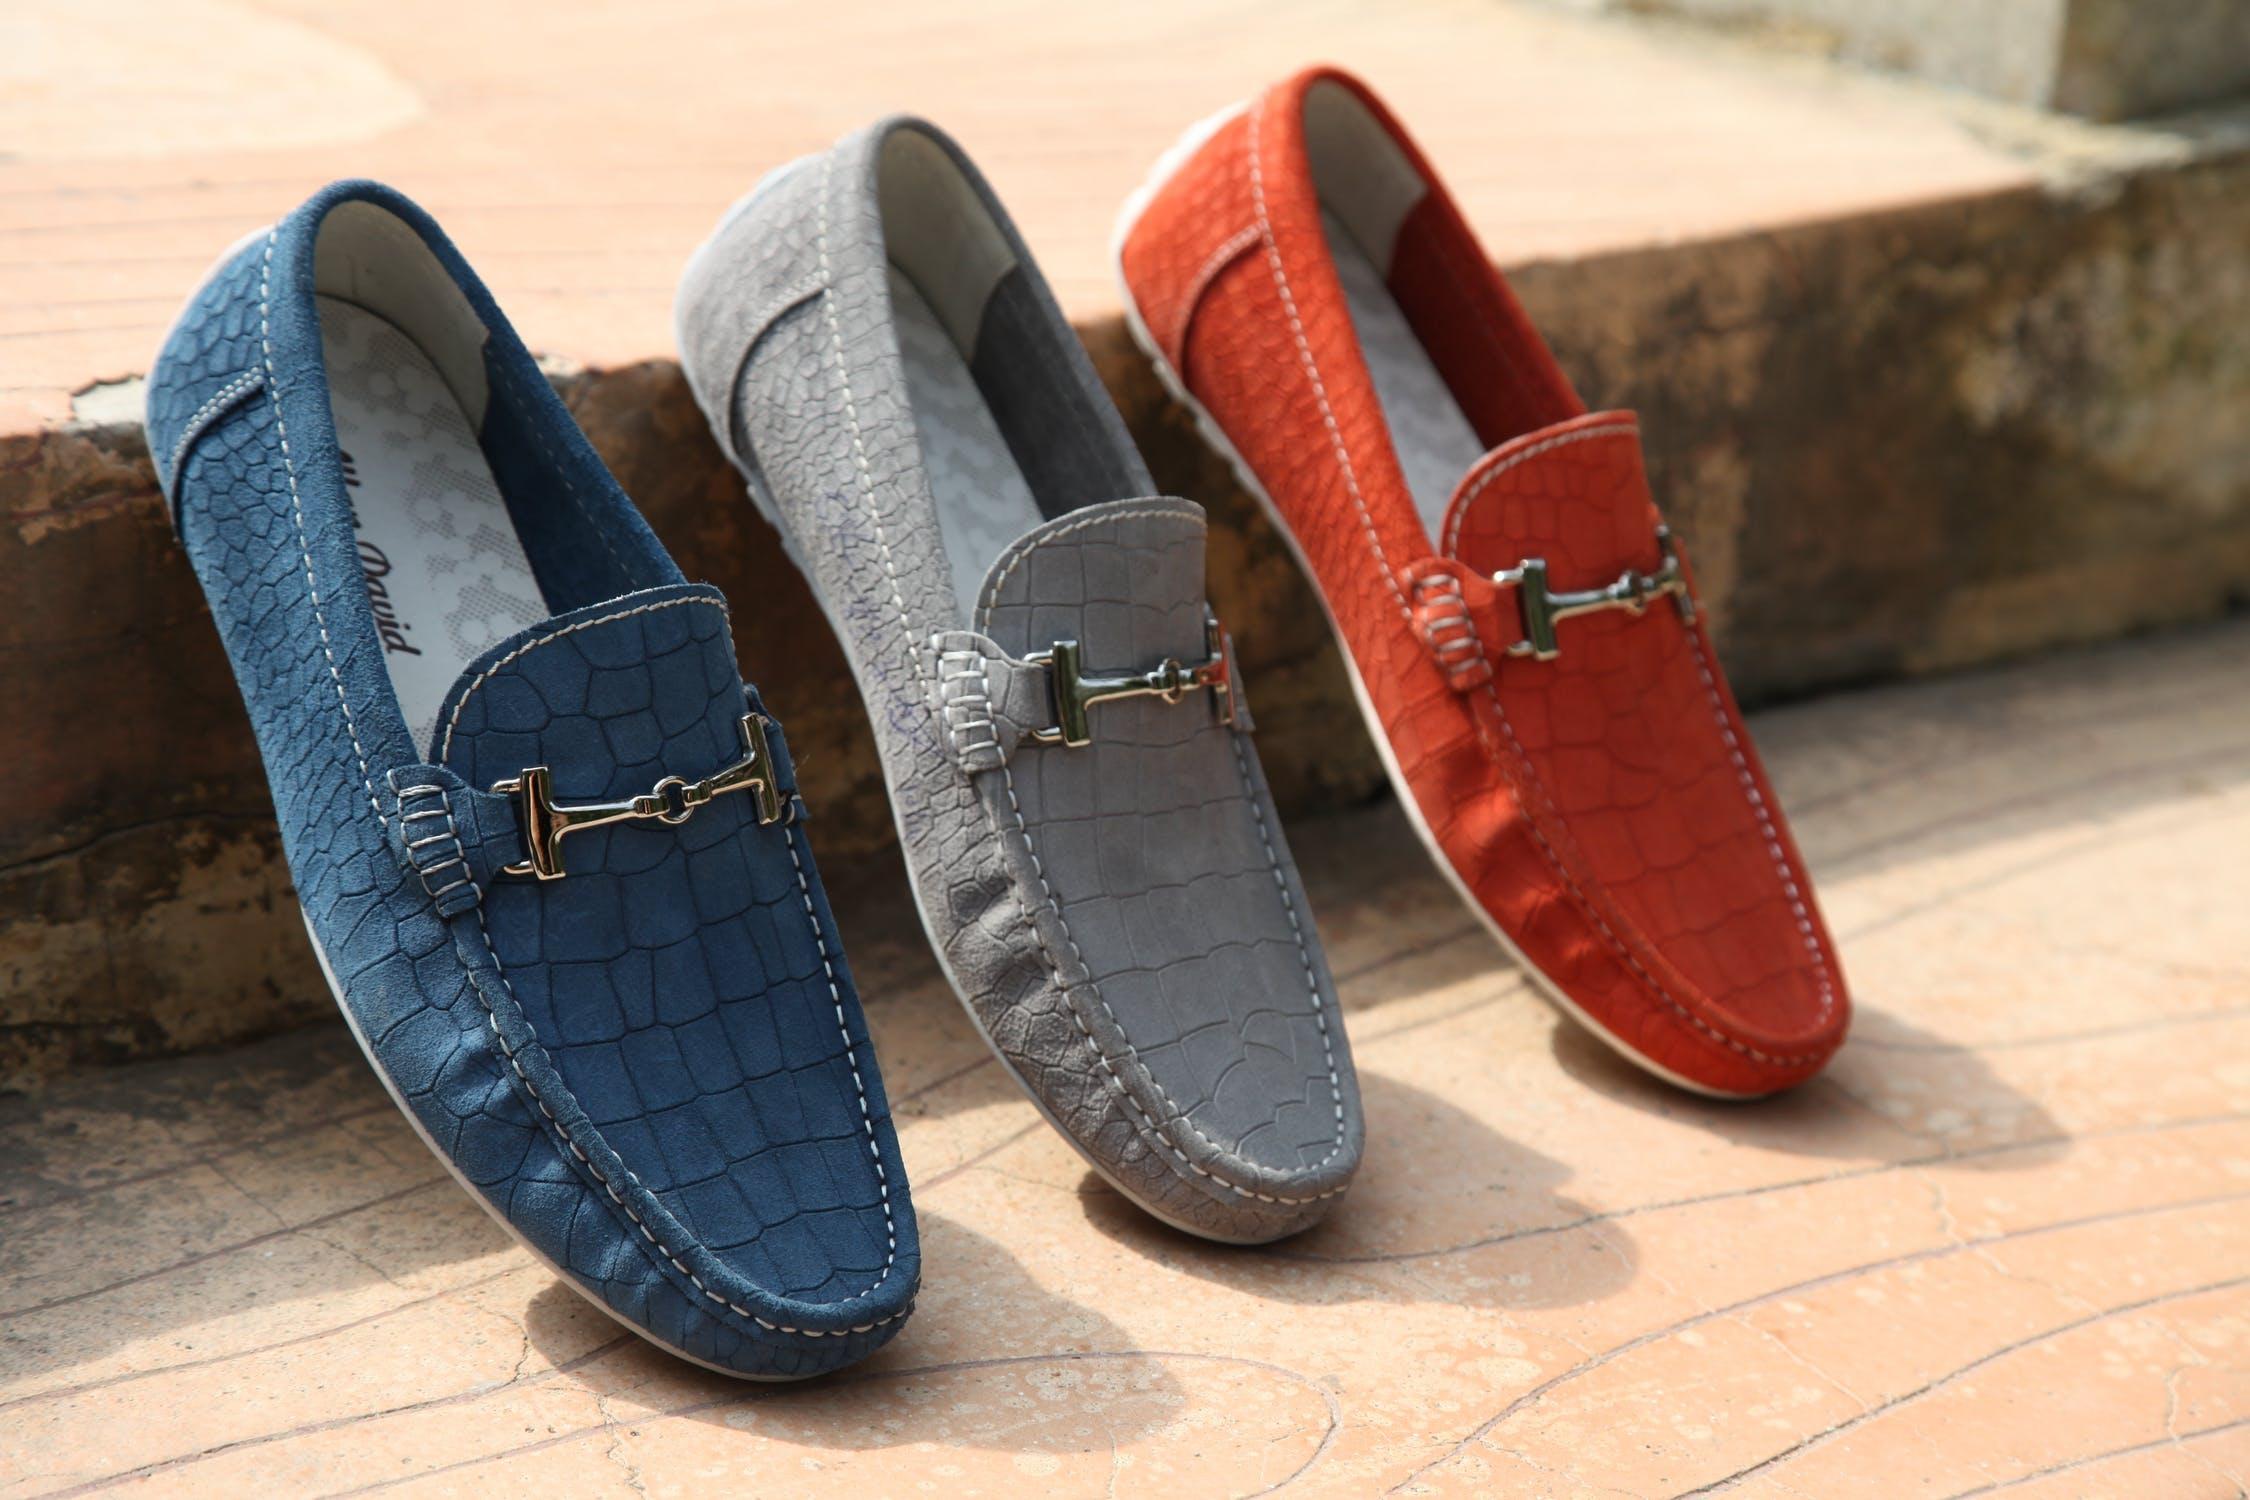 schoenenrek kopen